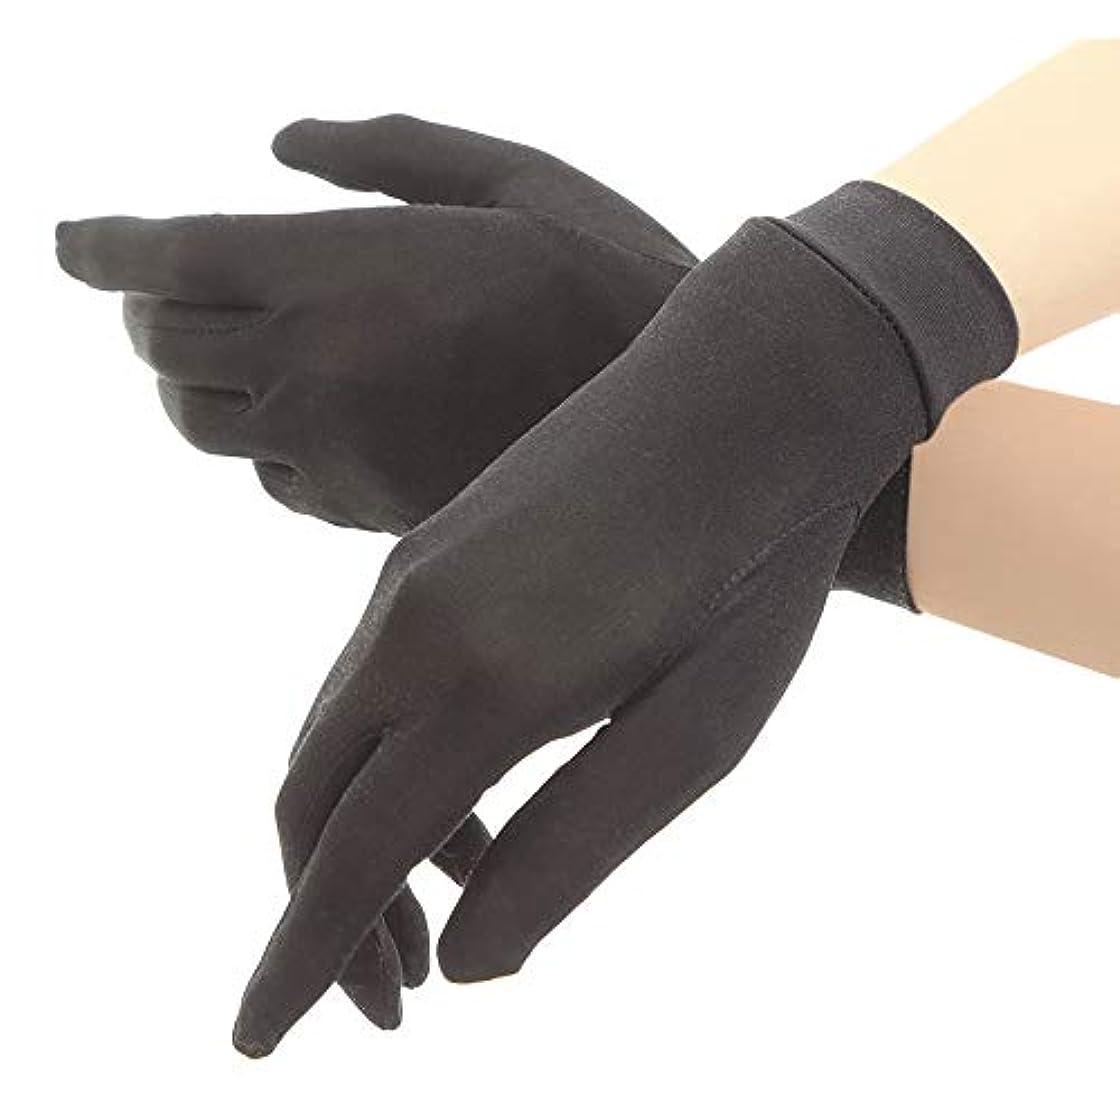 核シリング悔い改めるシルク手袋 レディース 手袋 シルク 絹 ハンド ケア 保湿 紫外線 肌荒れ 乾燥 サイズアップで手指にマッチ 【macch】